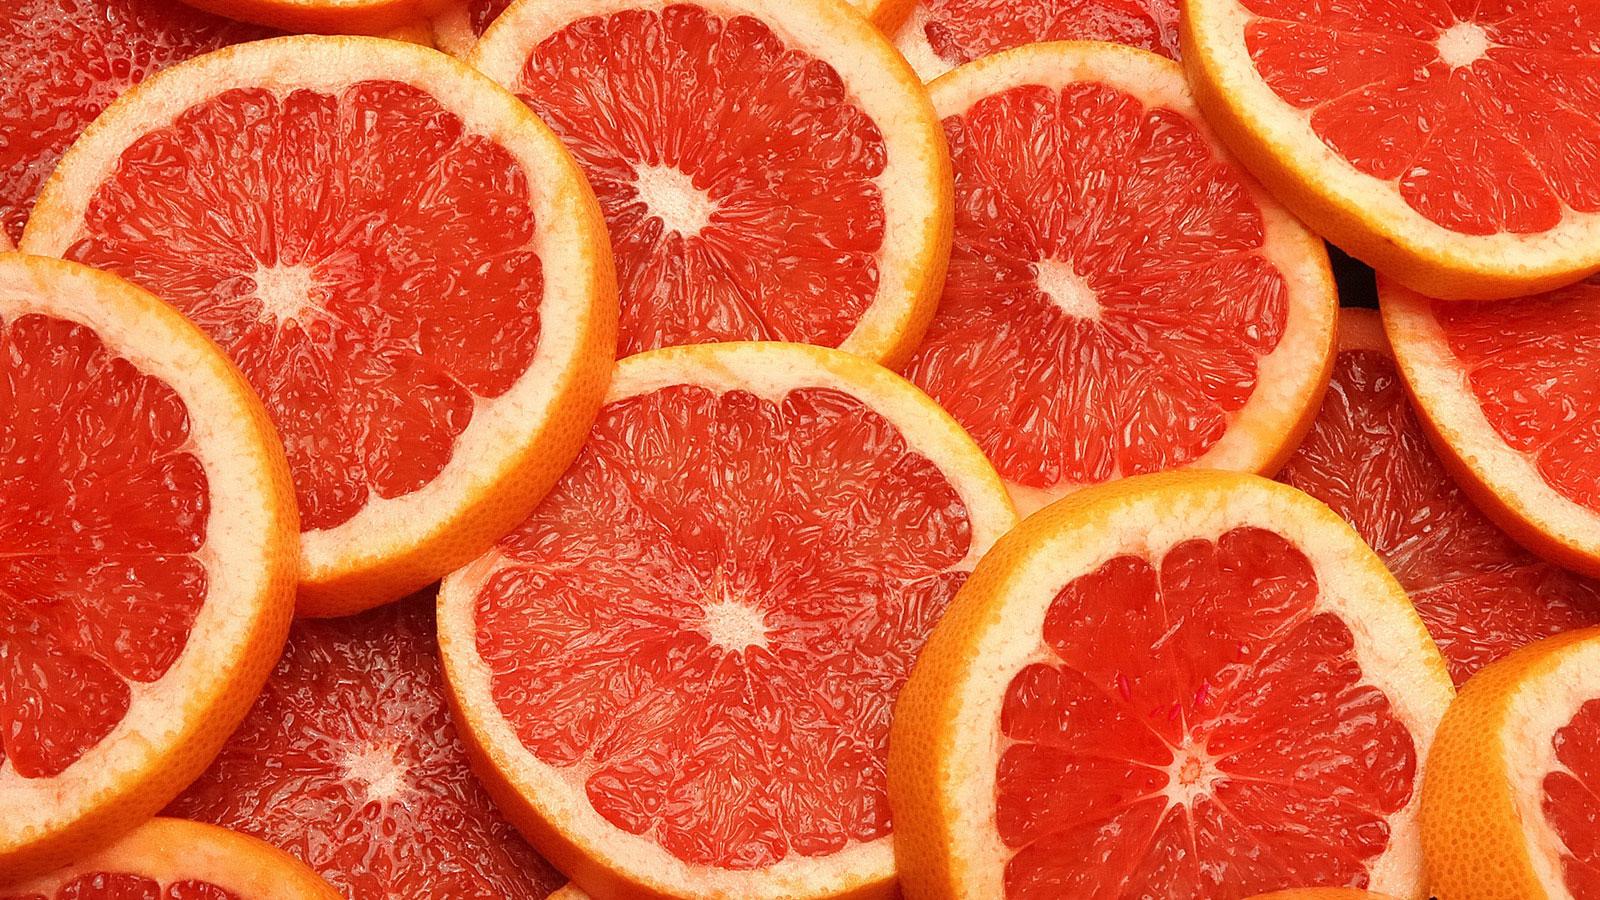 дольки грейпфрута  № 2133929 без смс